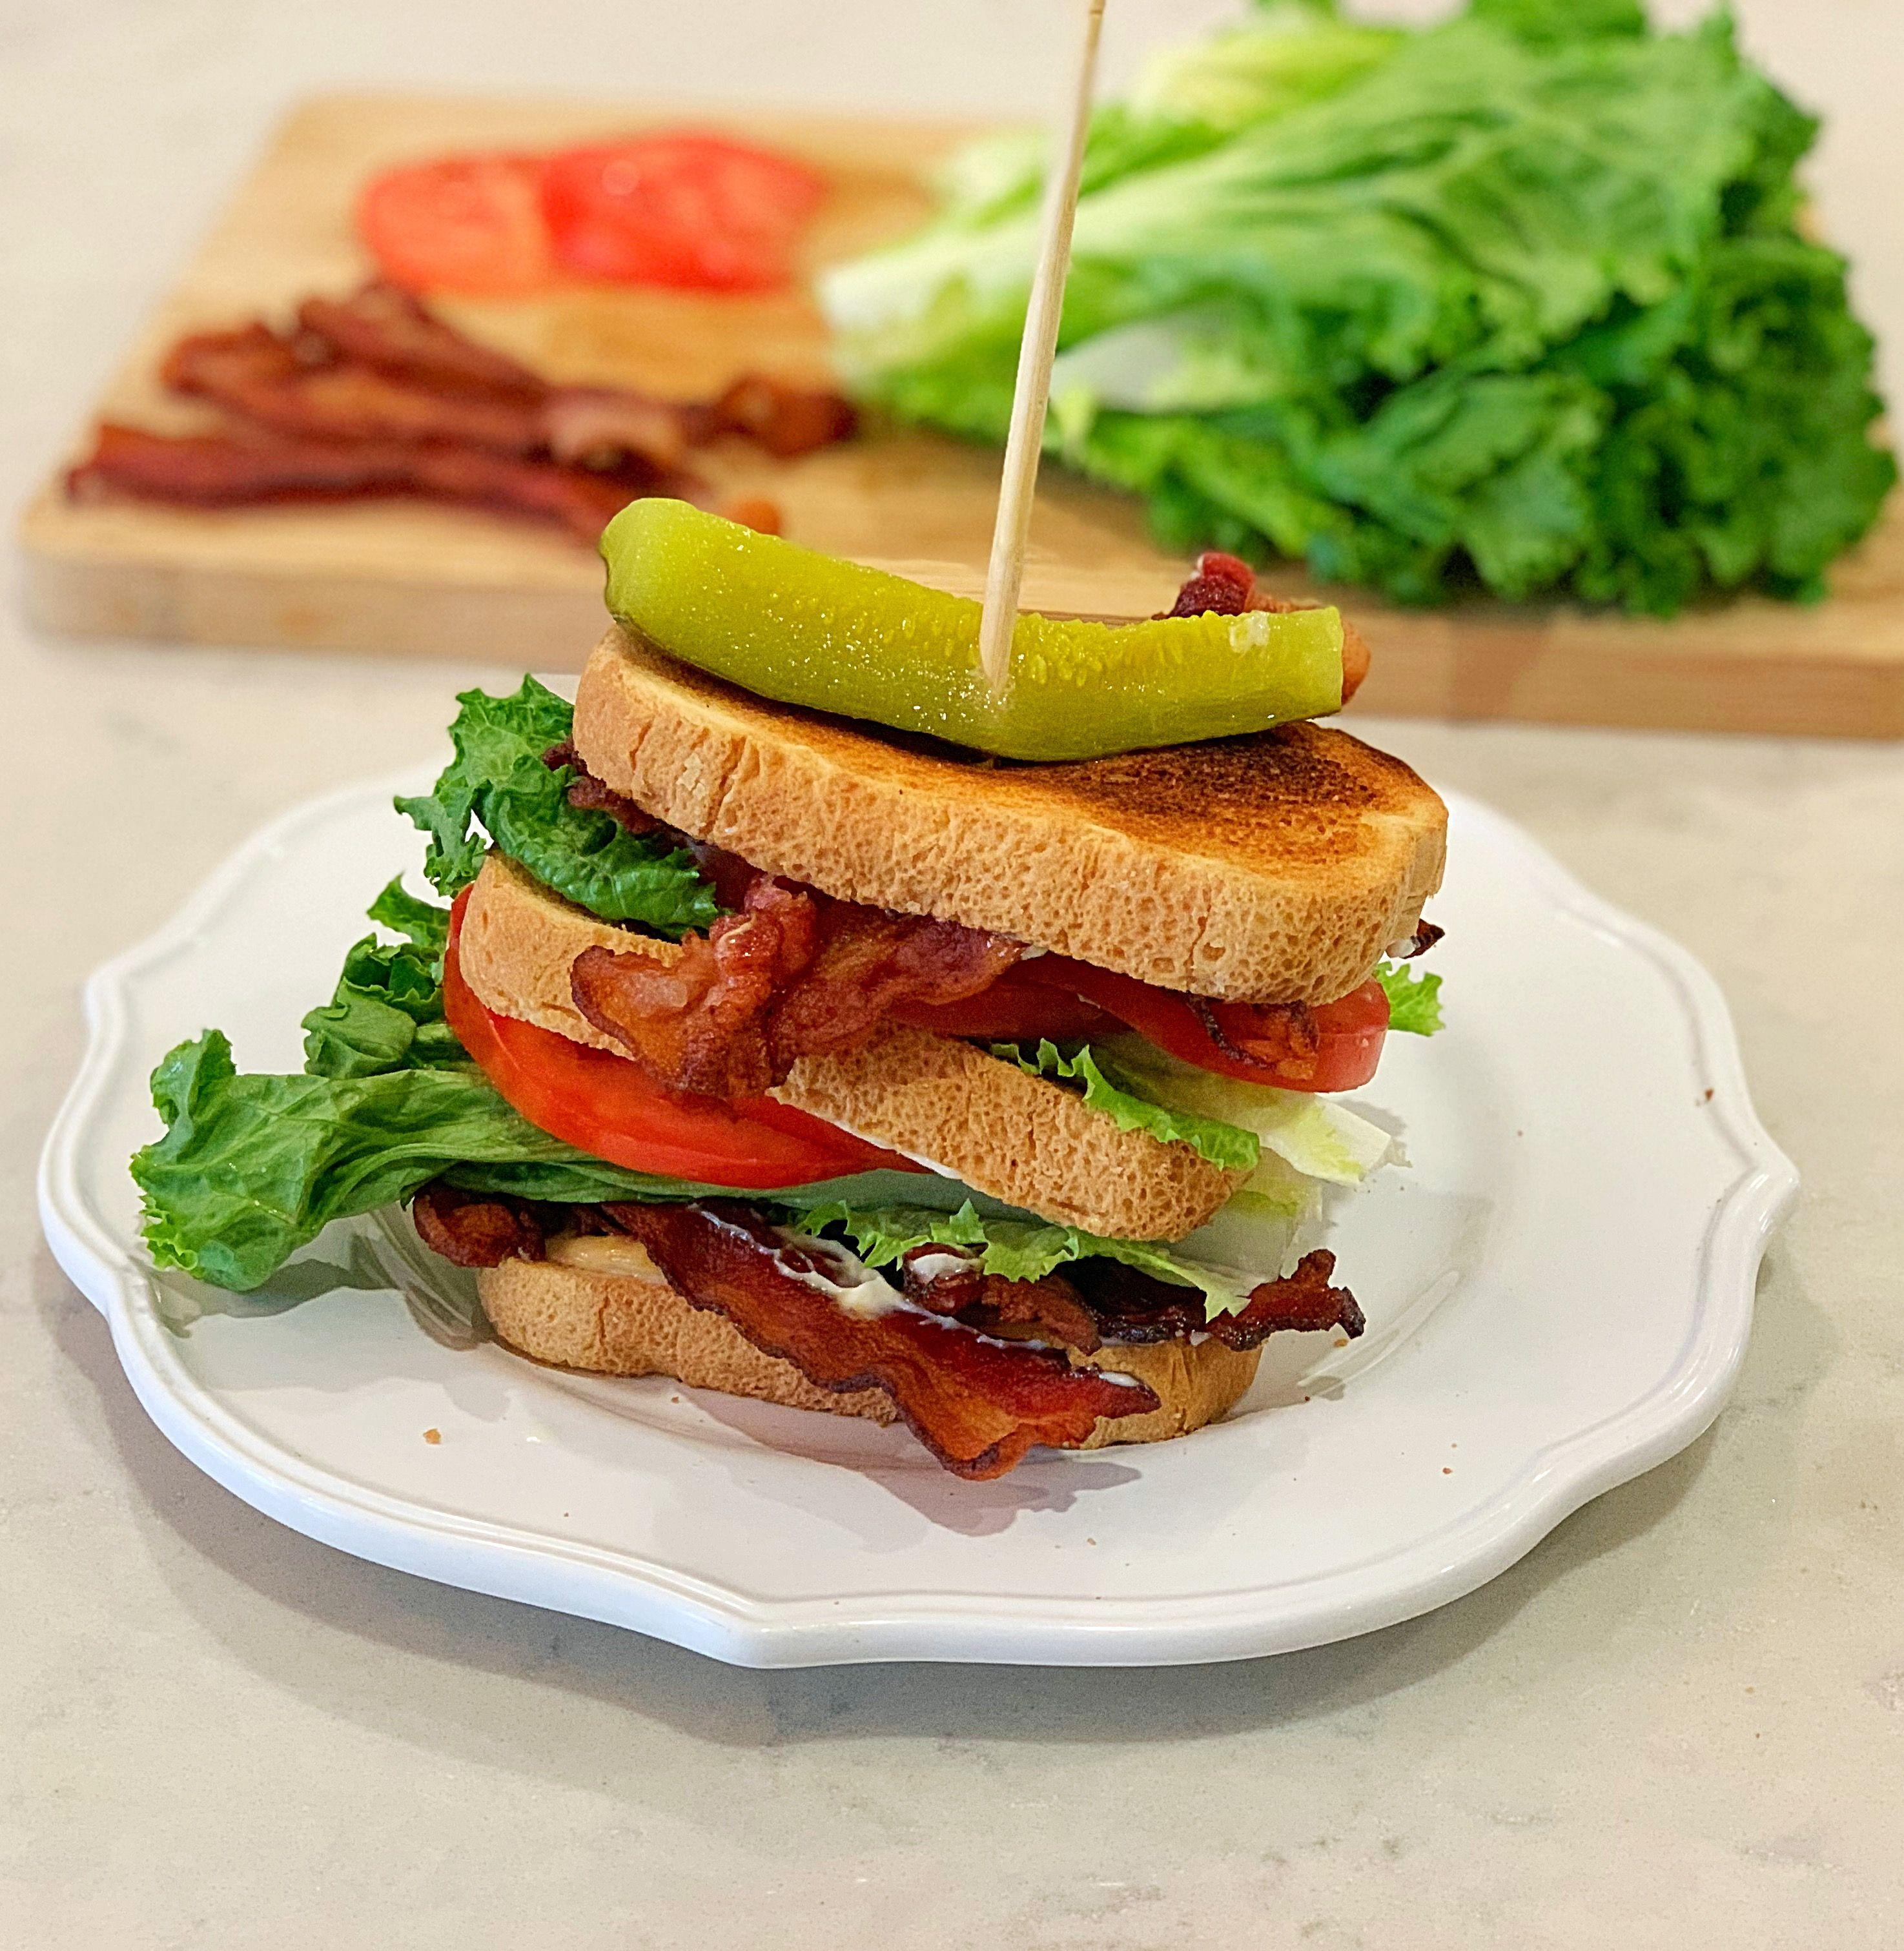 Photo of BLT Sandwich, Pregnancy Cravings